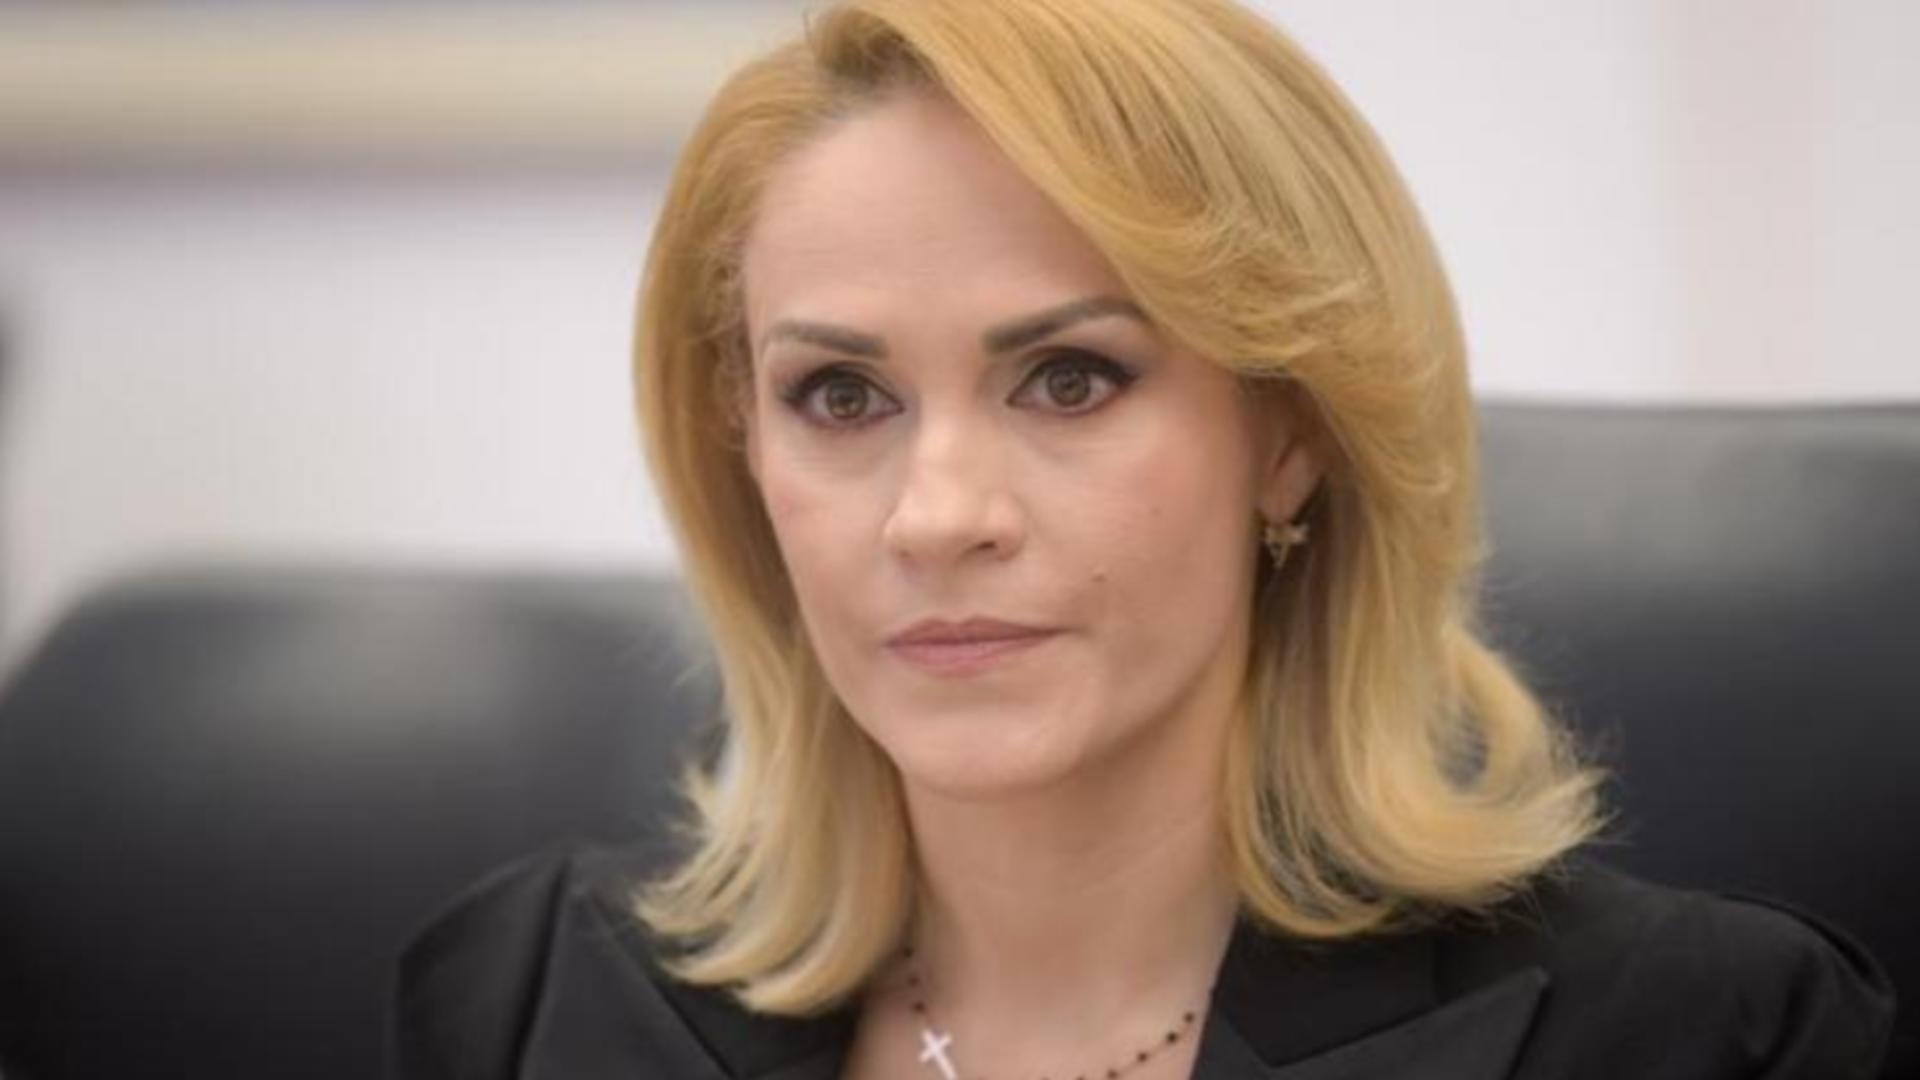 Gabriela Firea, critici dure pentru Guvern - Ce spune despre Florin Cîțu și țintele vaccinării Foto: INQUAM